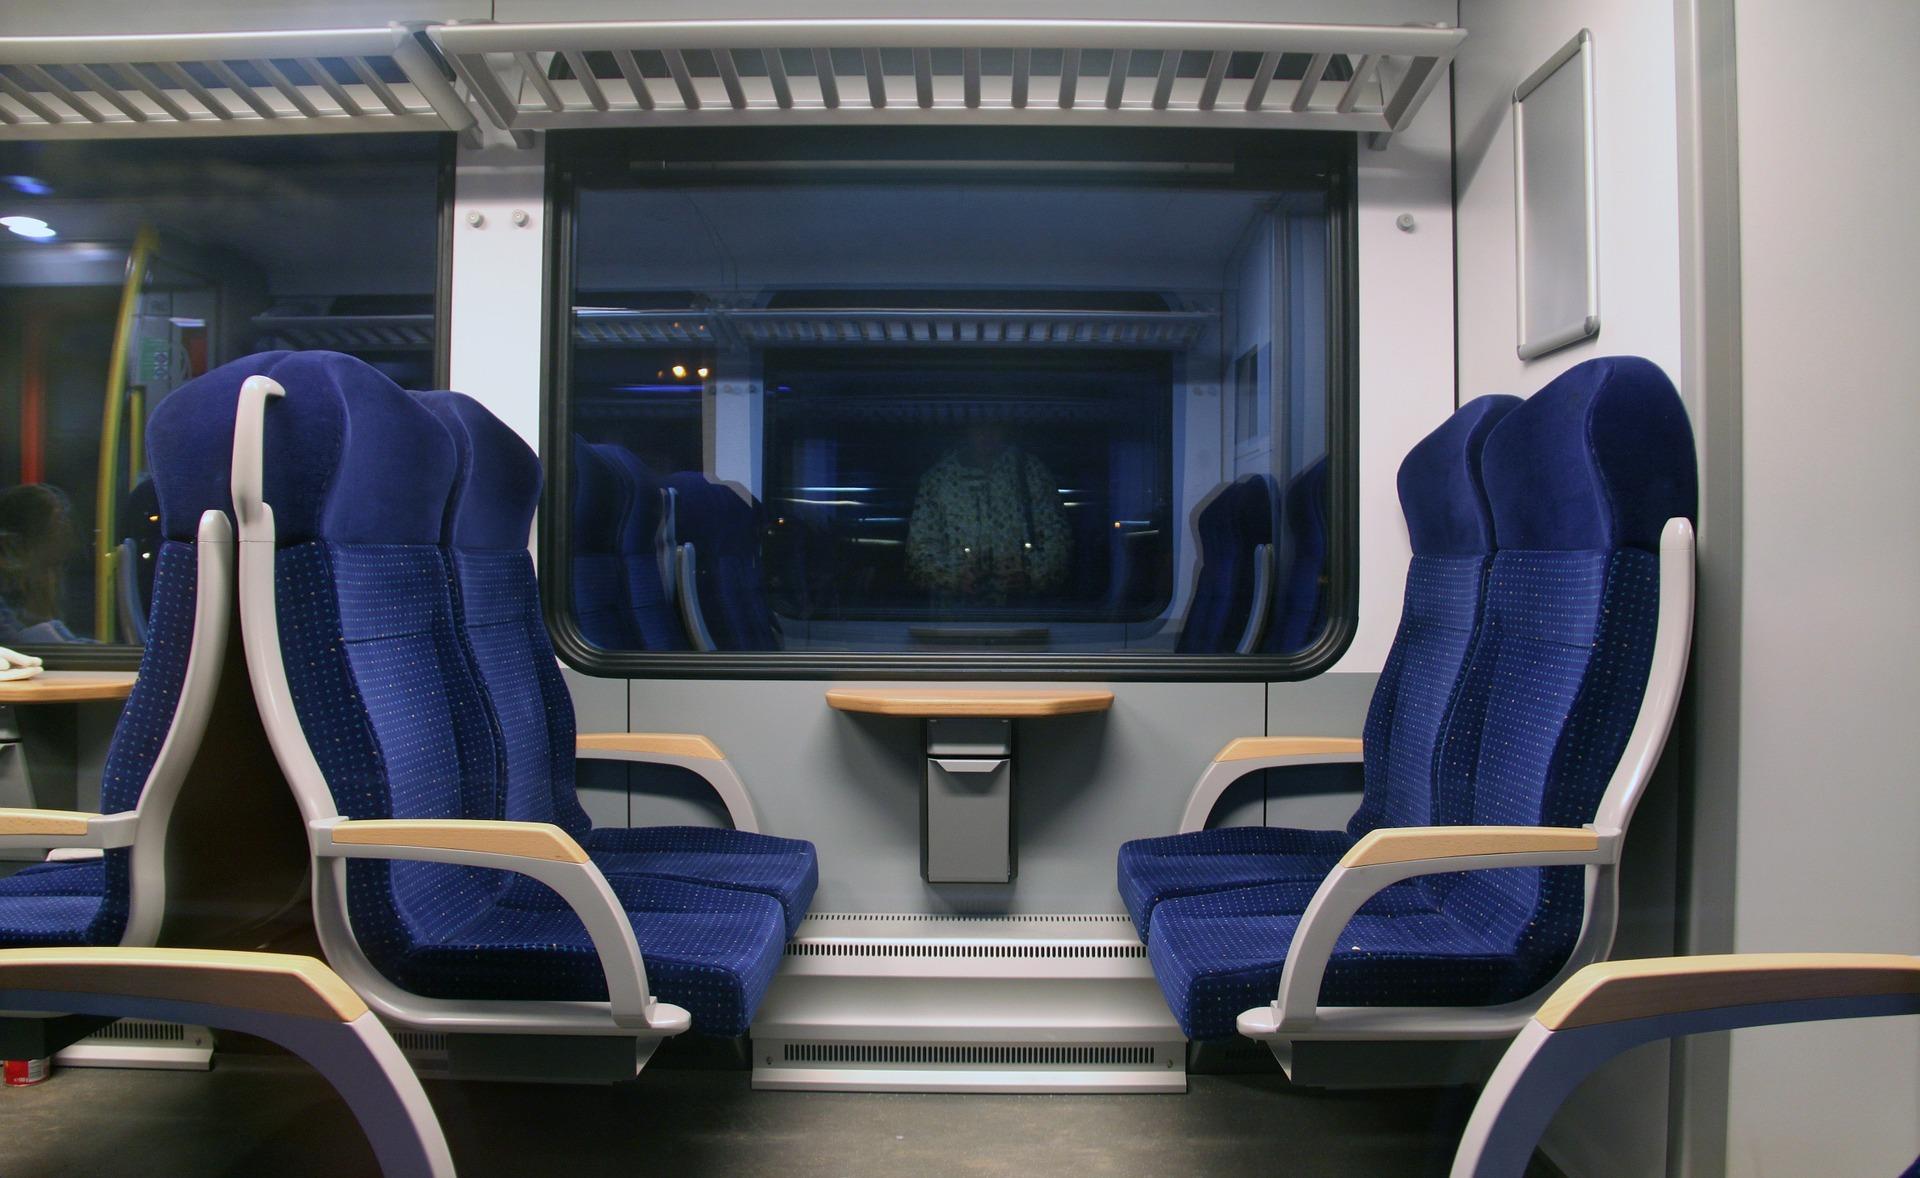 Arriva doet tot 2035 het treinvervoer in Noord-Nederland